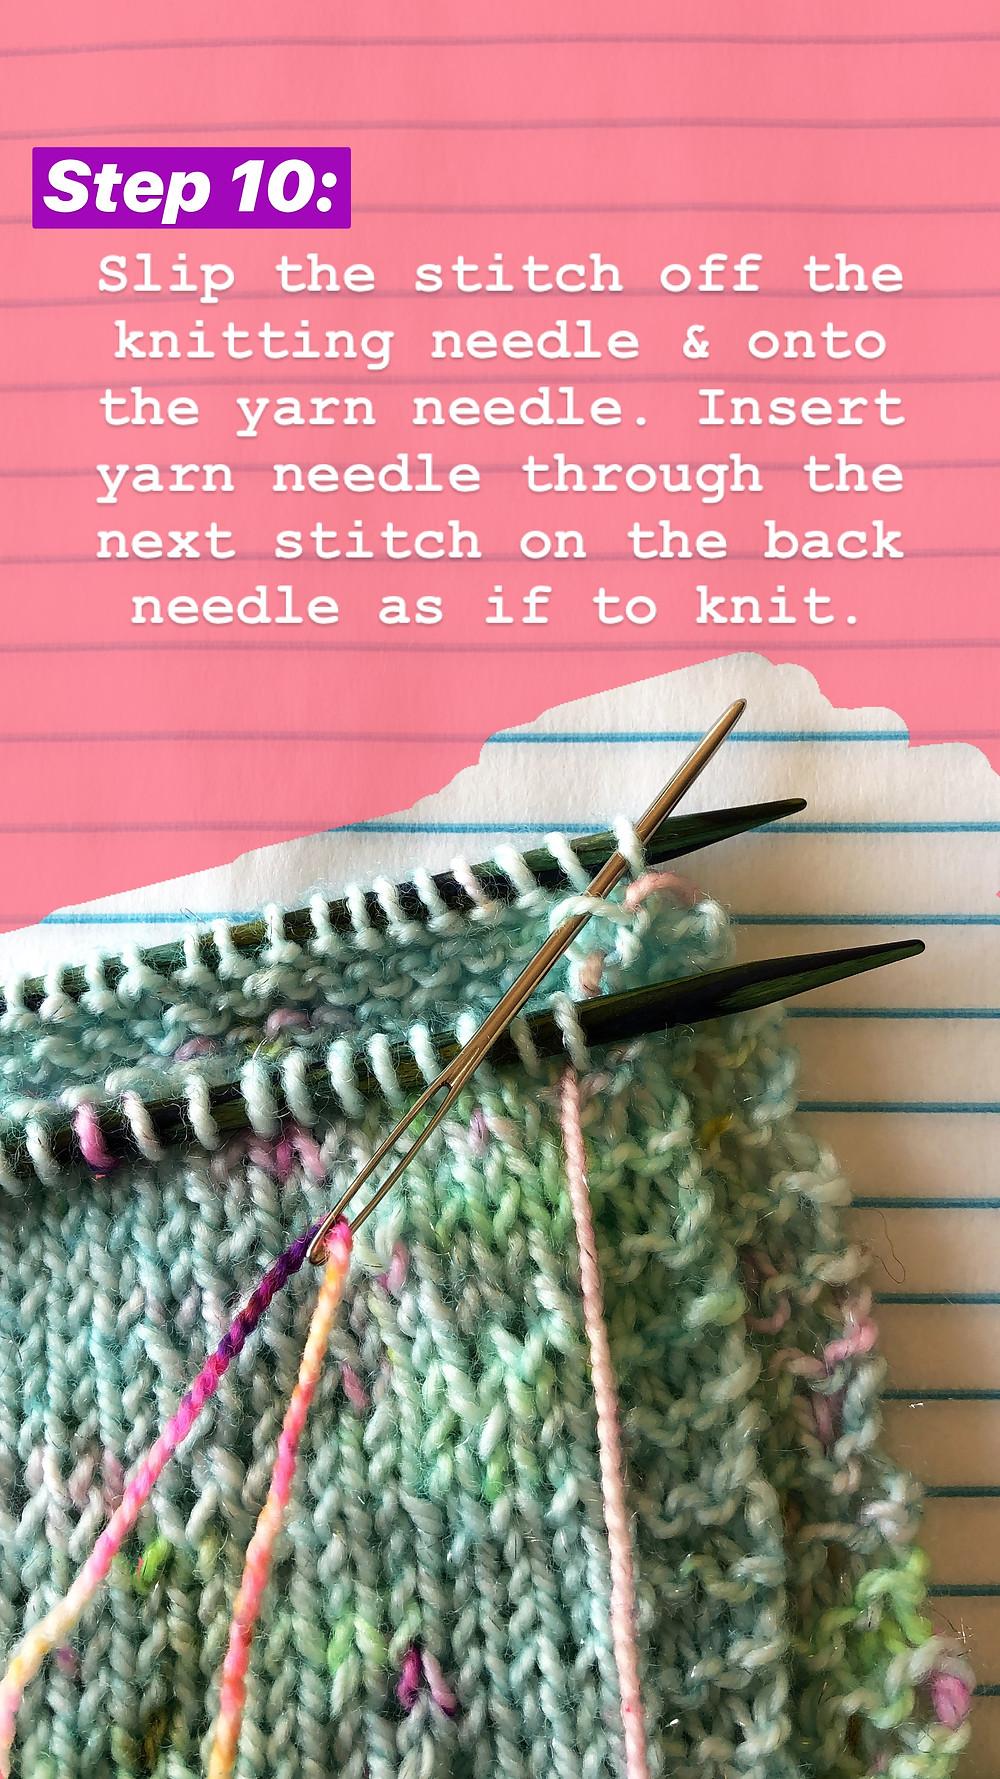 Easy Grafting / Kitchener Stitch Tutorial Step 10